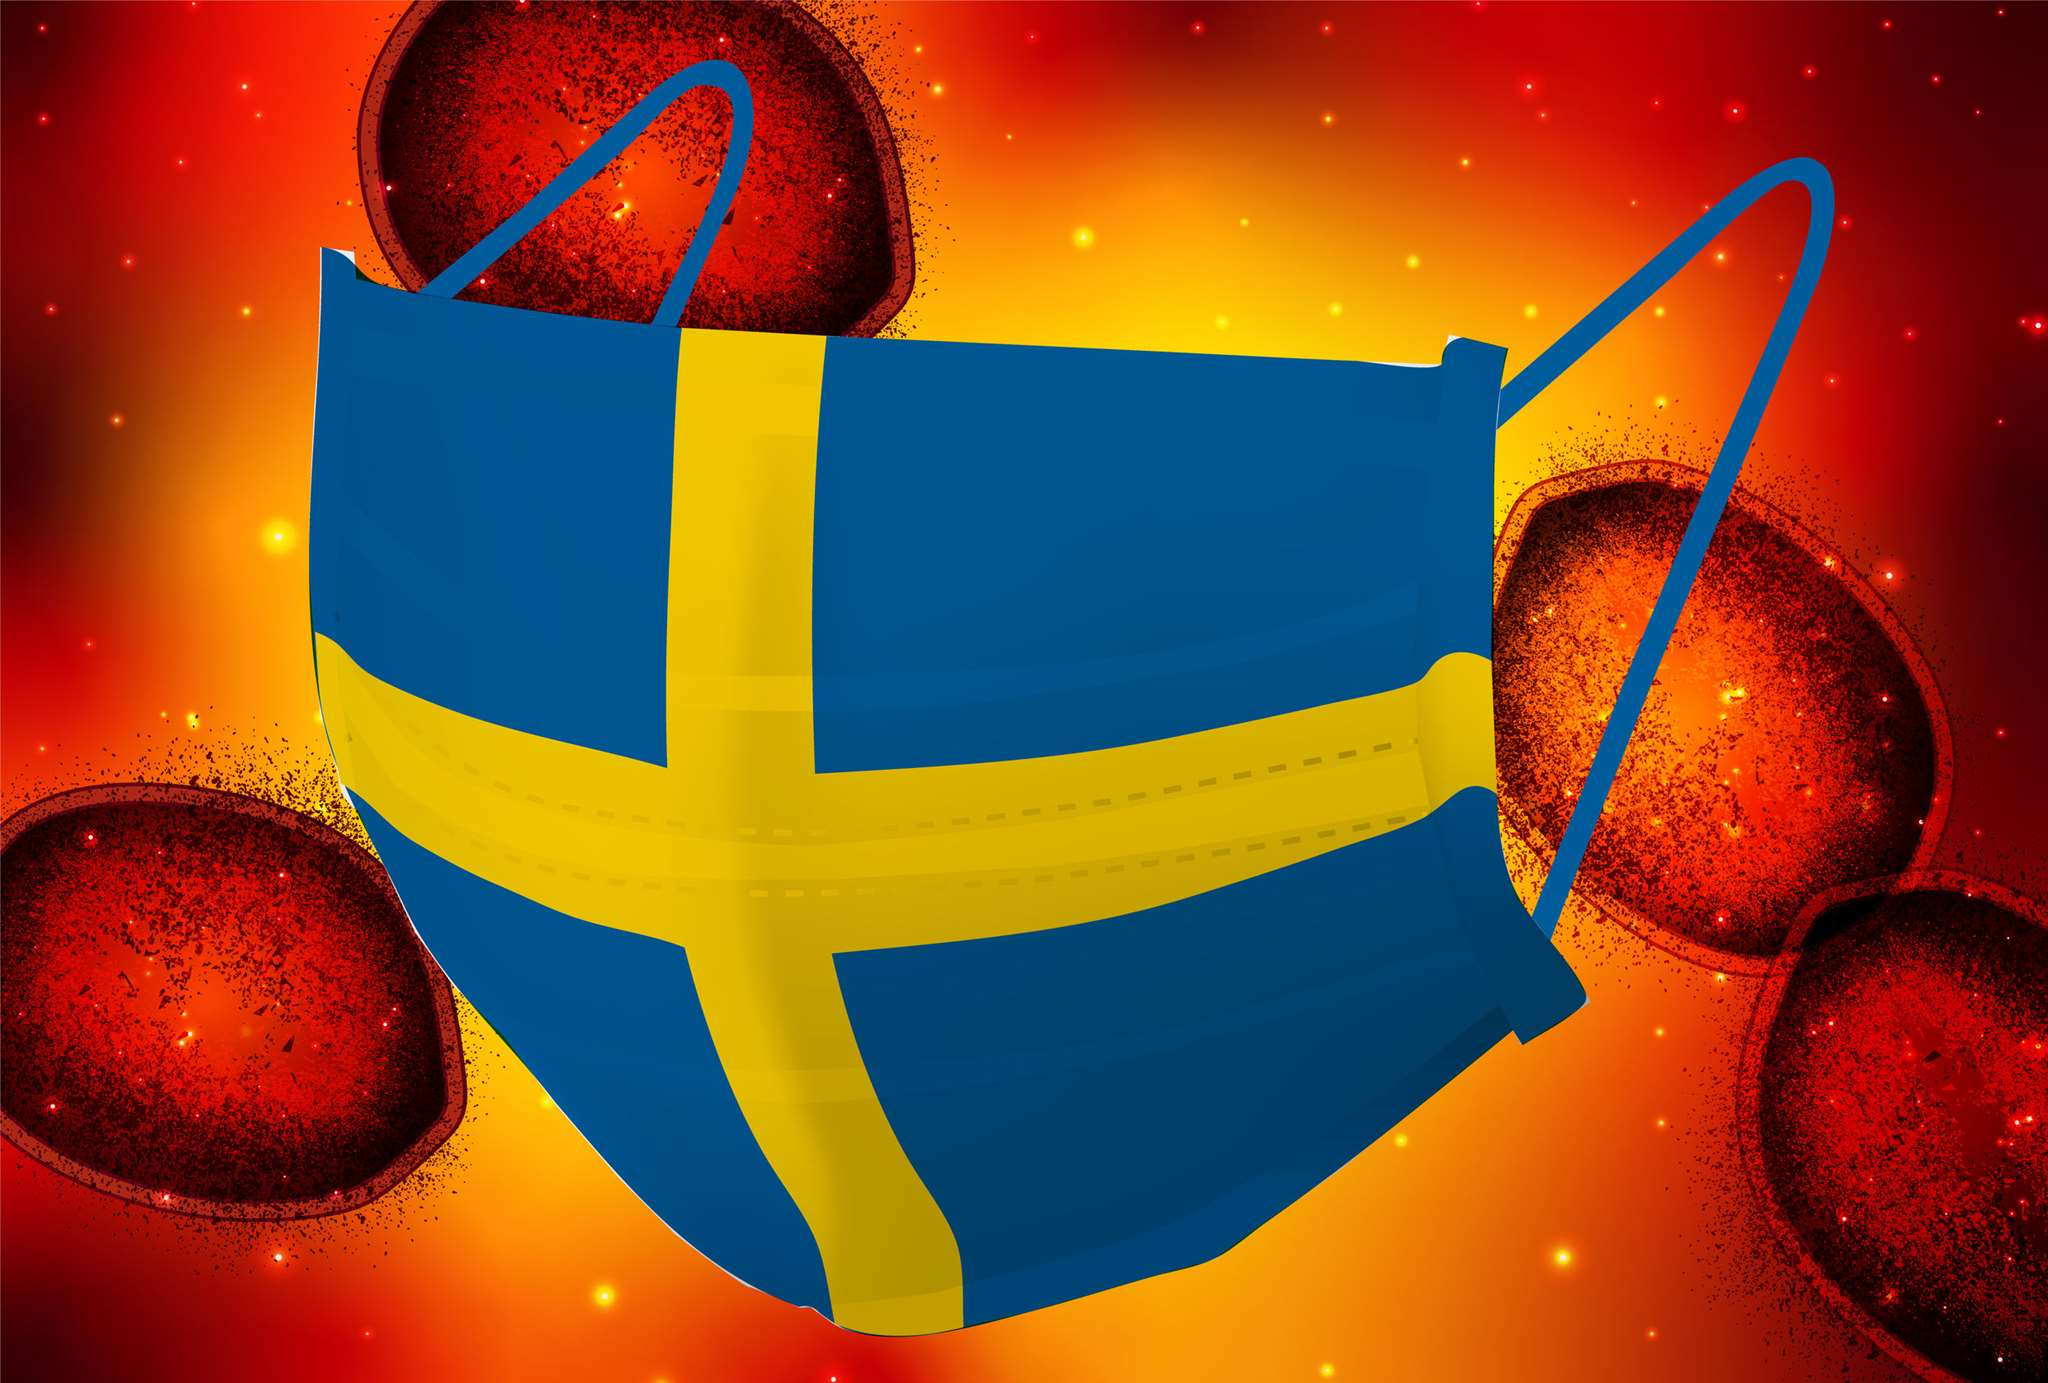 Αμφιβολίες για το σουηδικό μοντέλο κατά του κορονοϊού